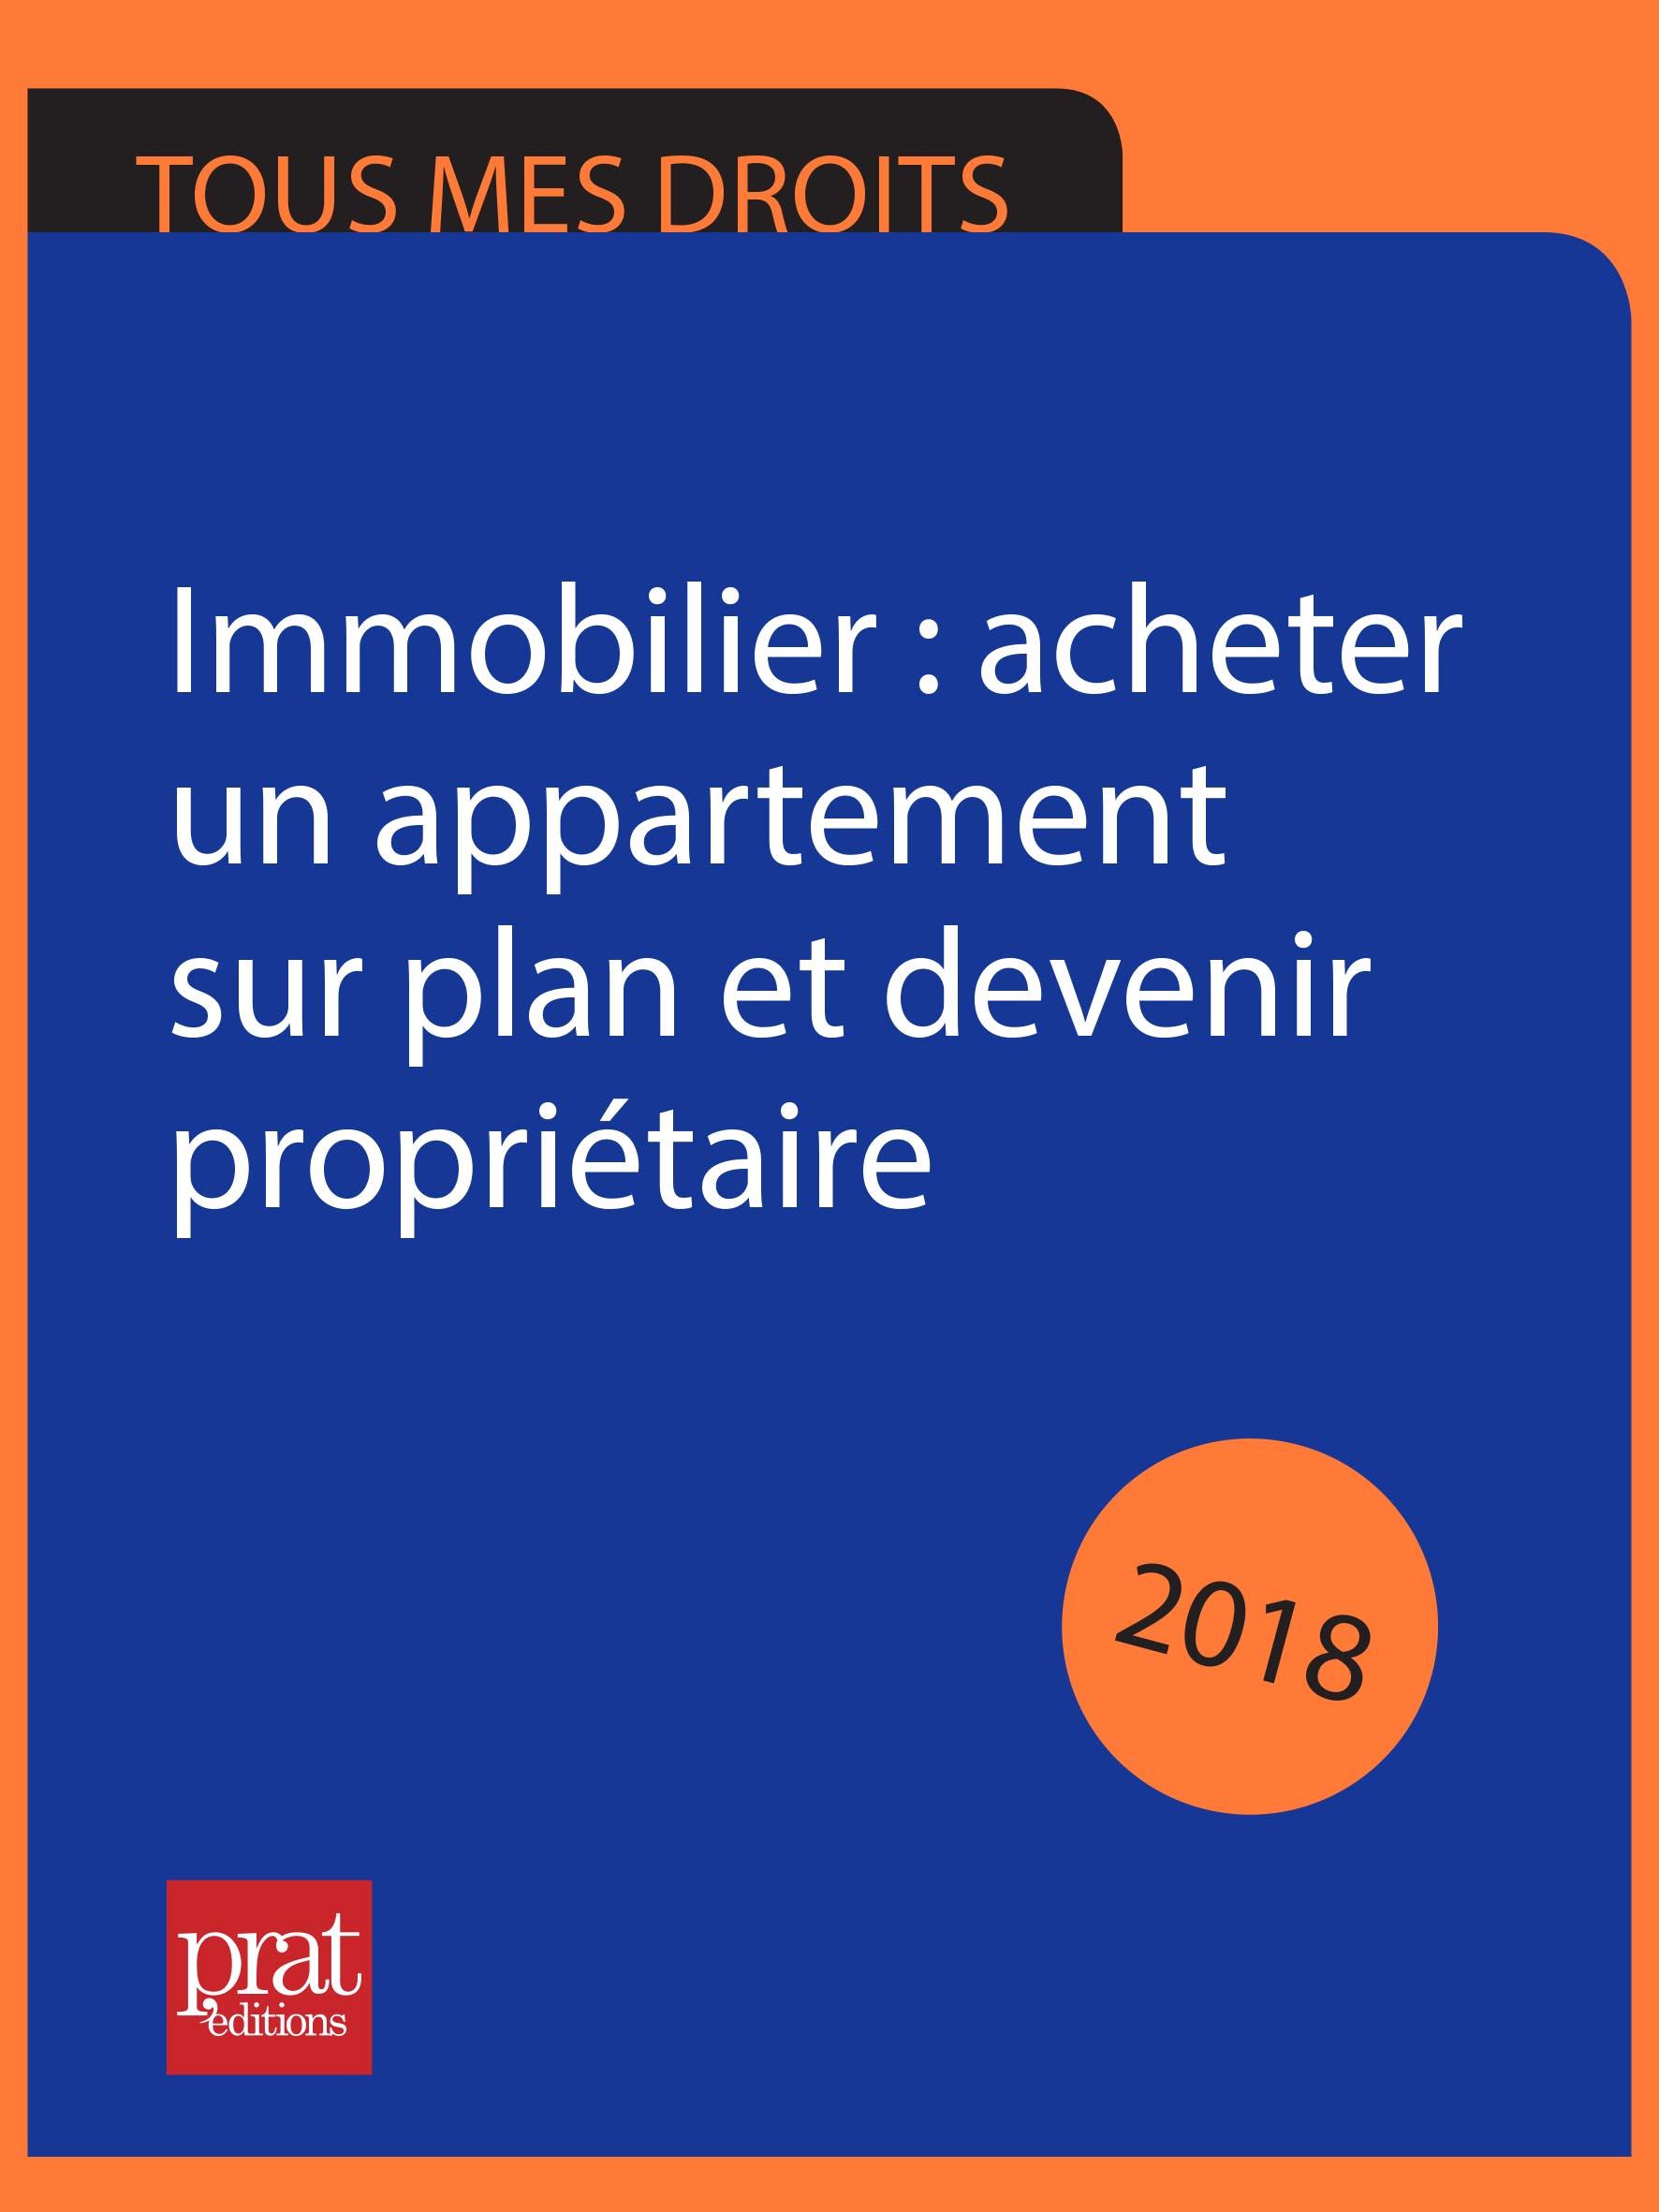 Immobilier : acheter un appartement sur plan et devenir propriétaire 2018